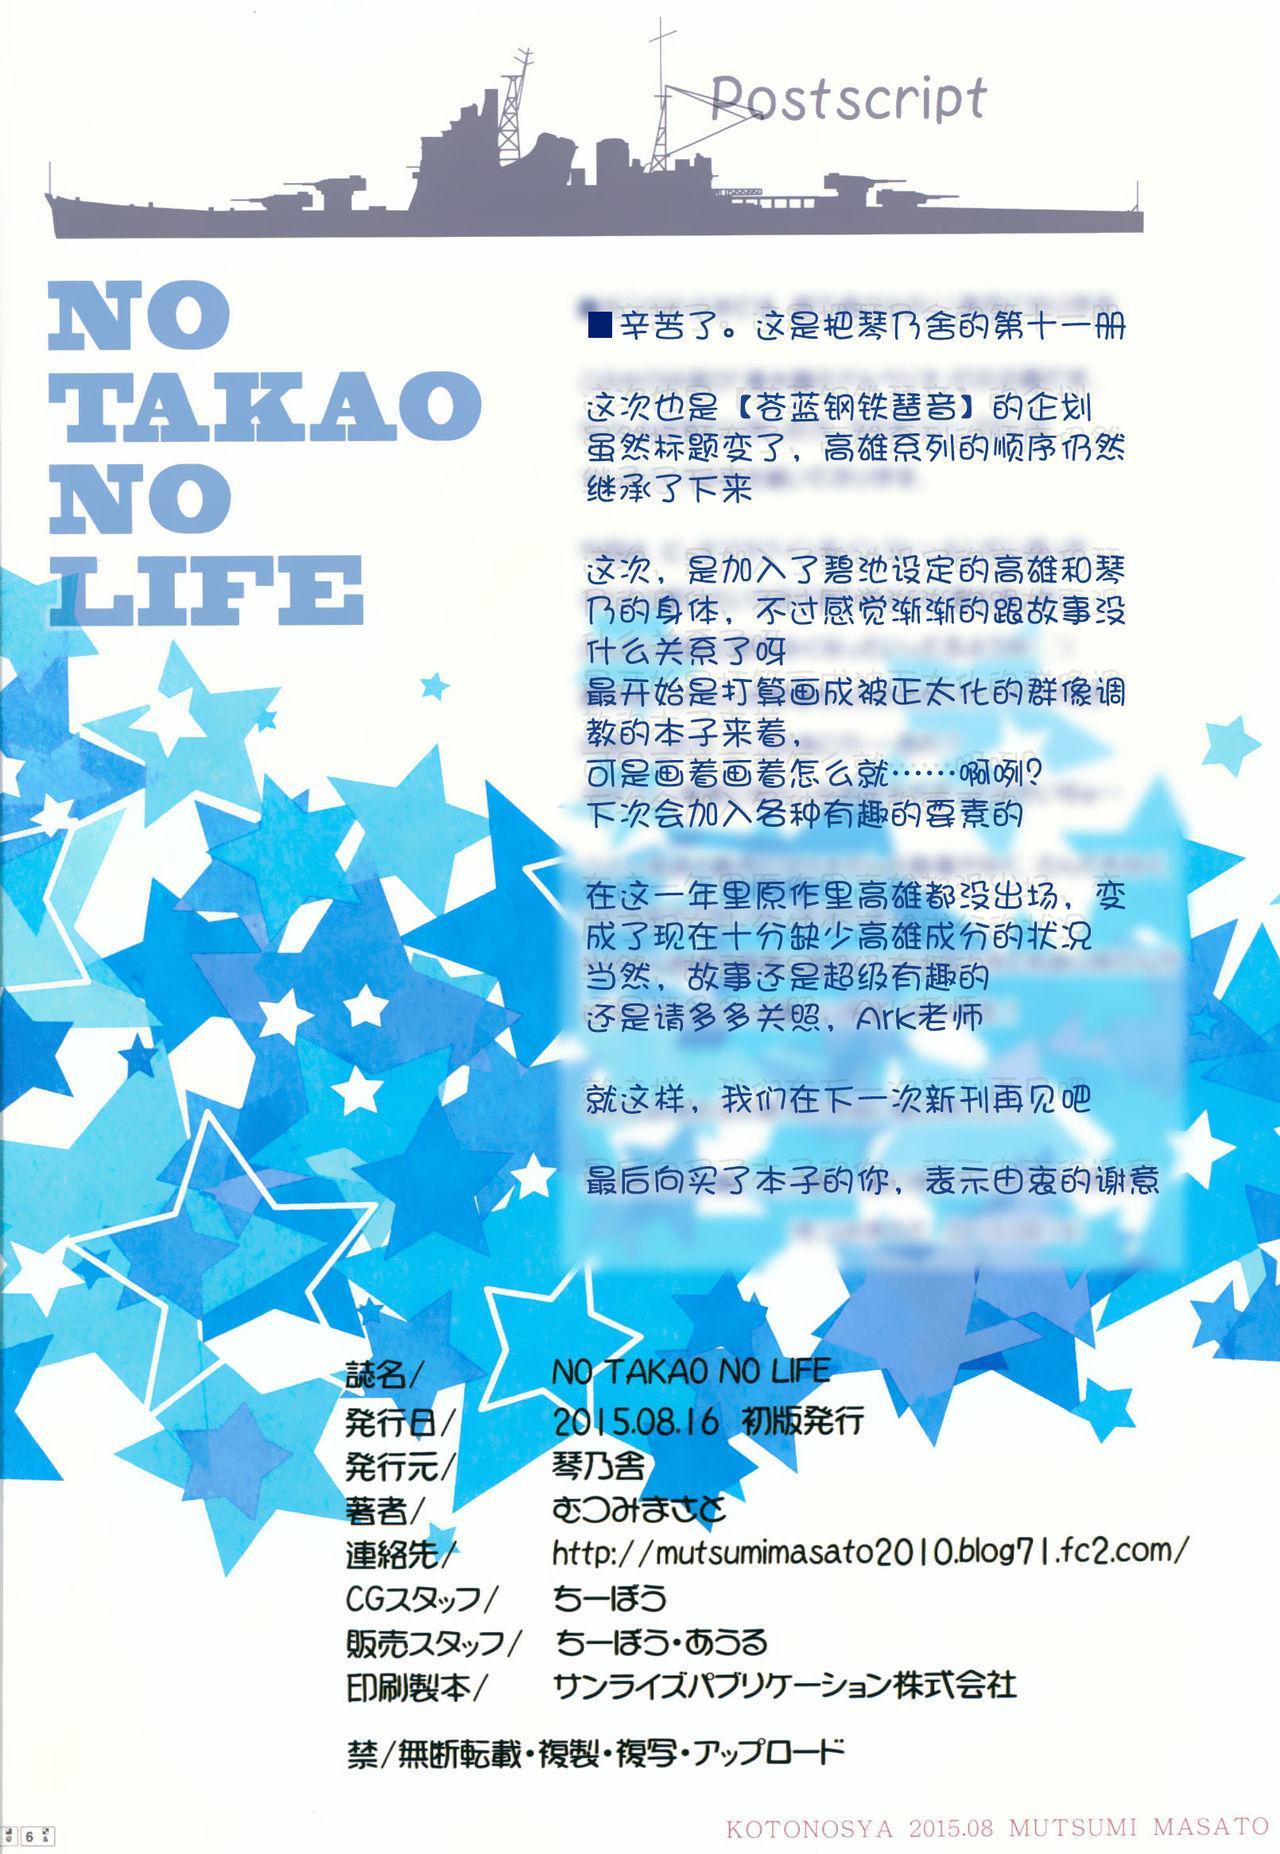 NO TAKAO NO LIFE 25